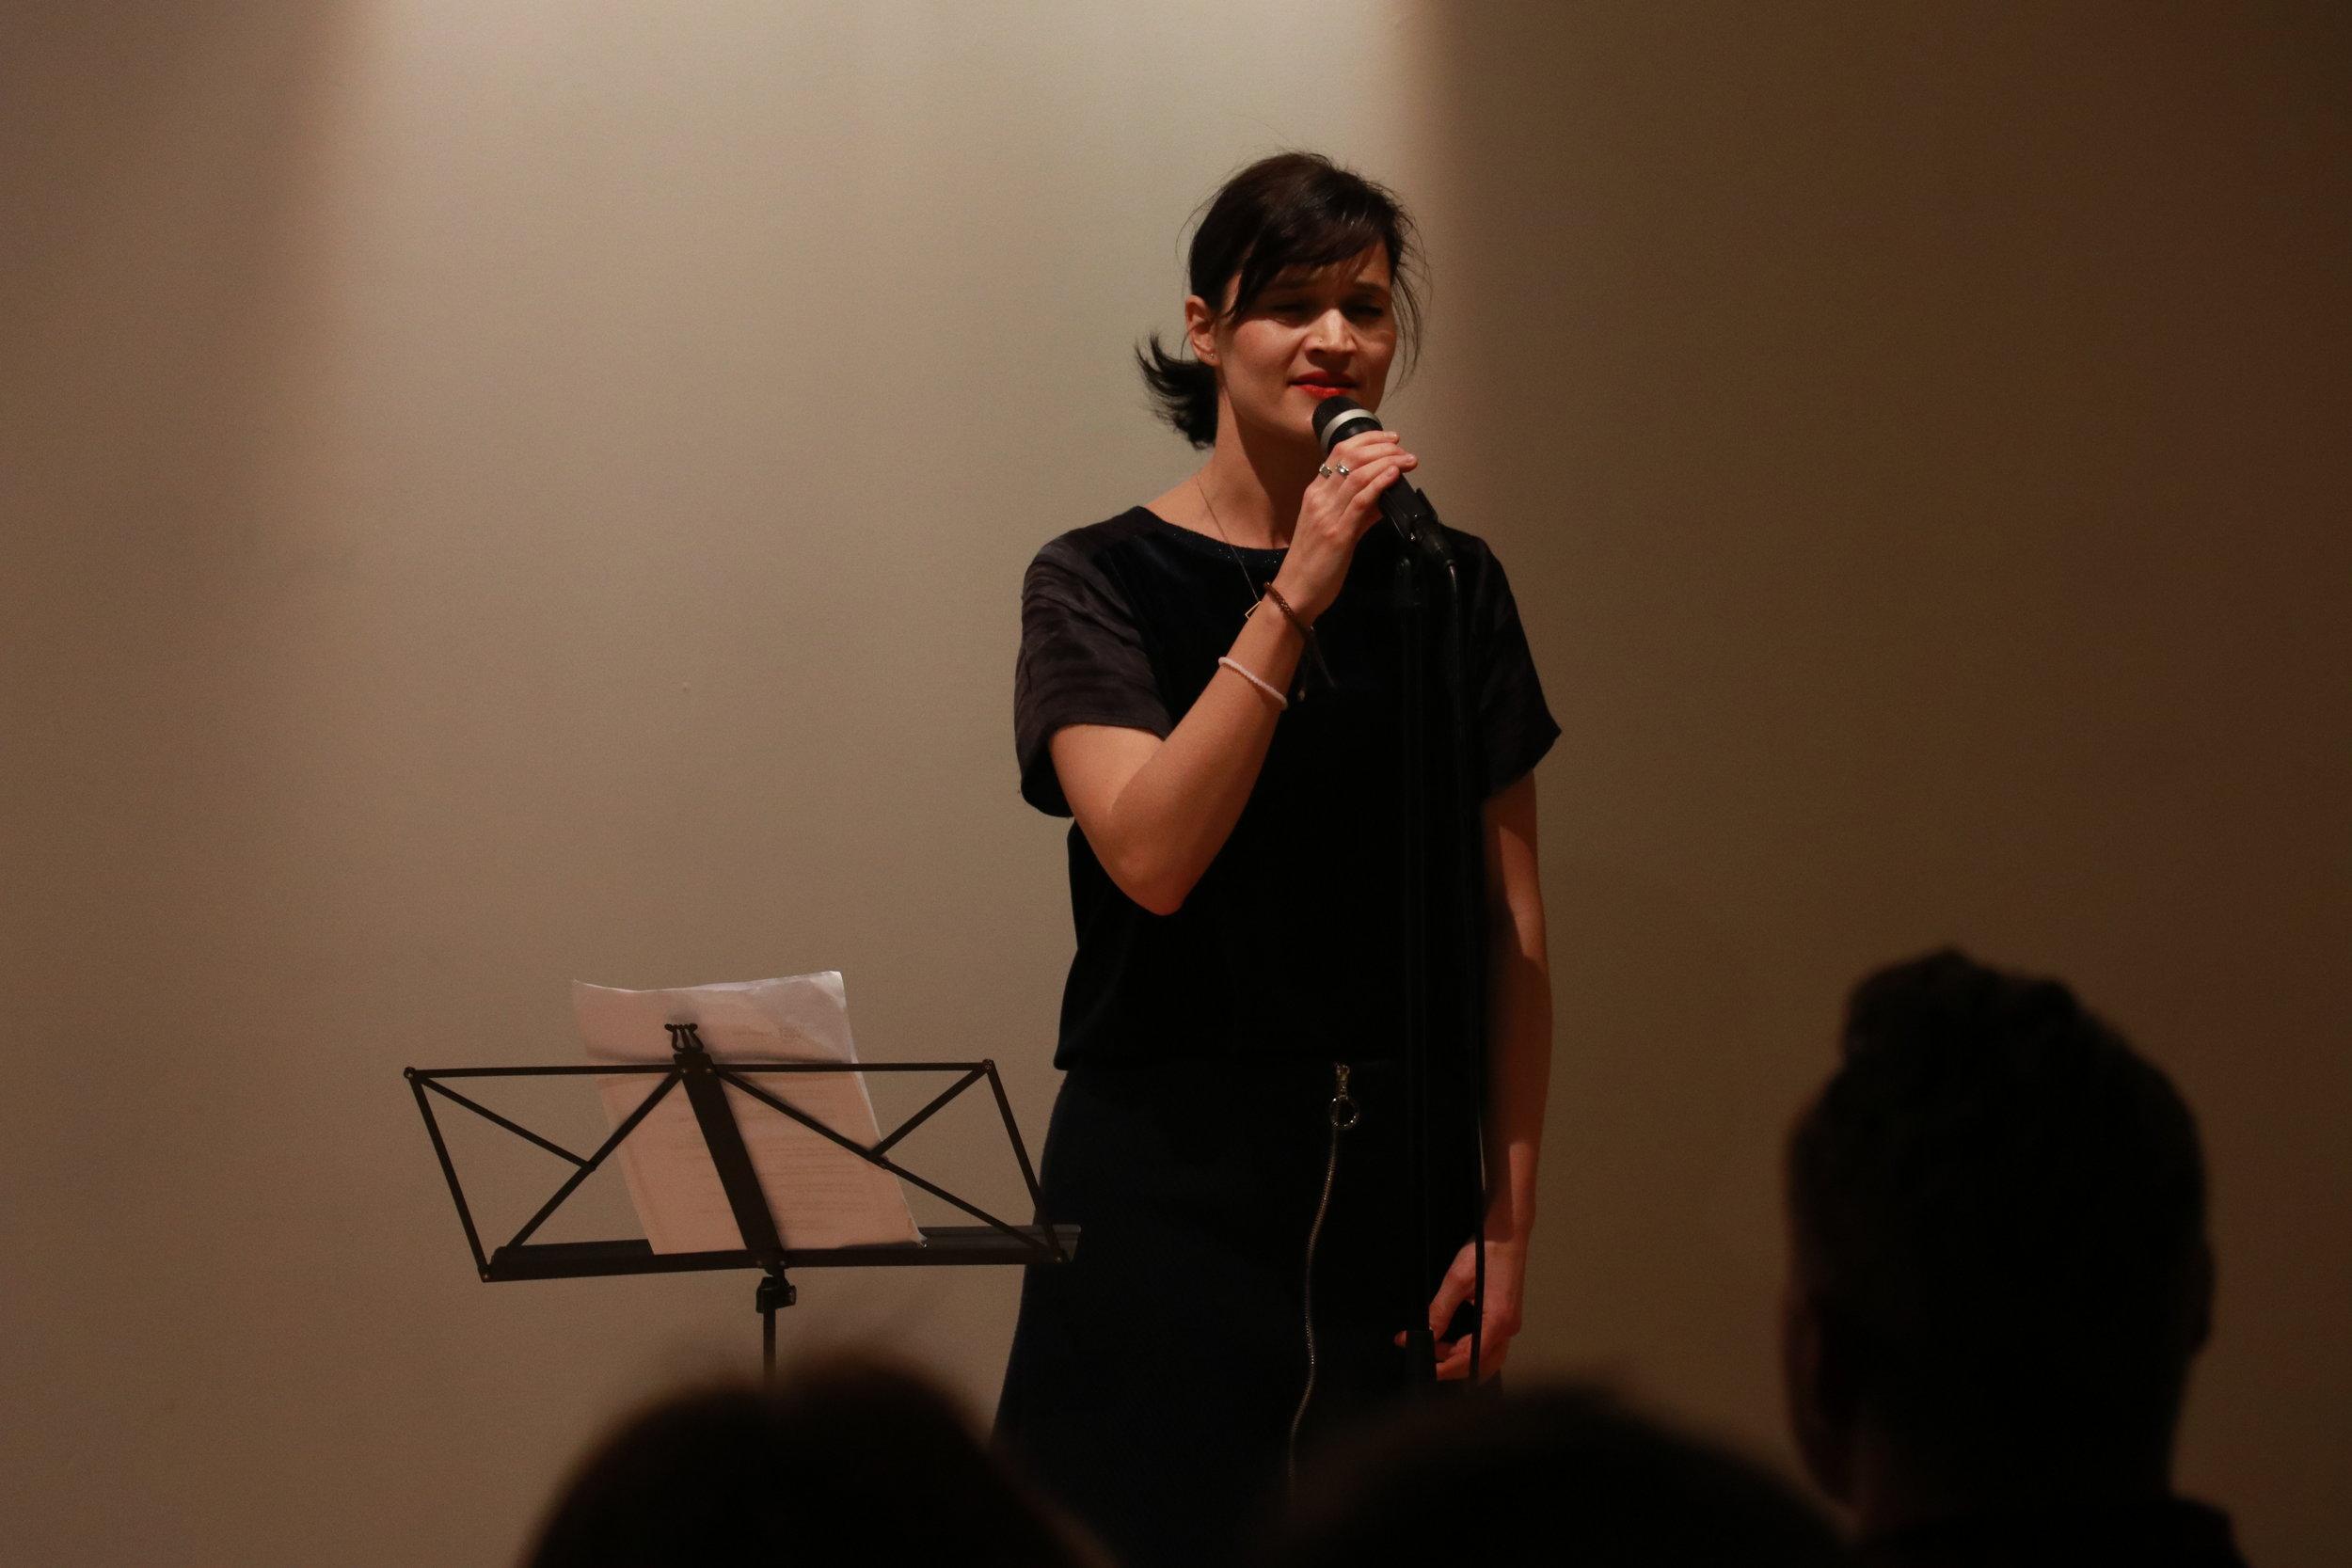 Sånglektioner   Sånglektioner för alla nivåer, sjung individuellt eller i par.